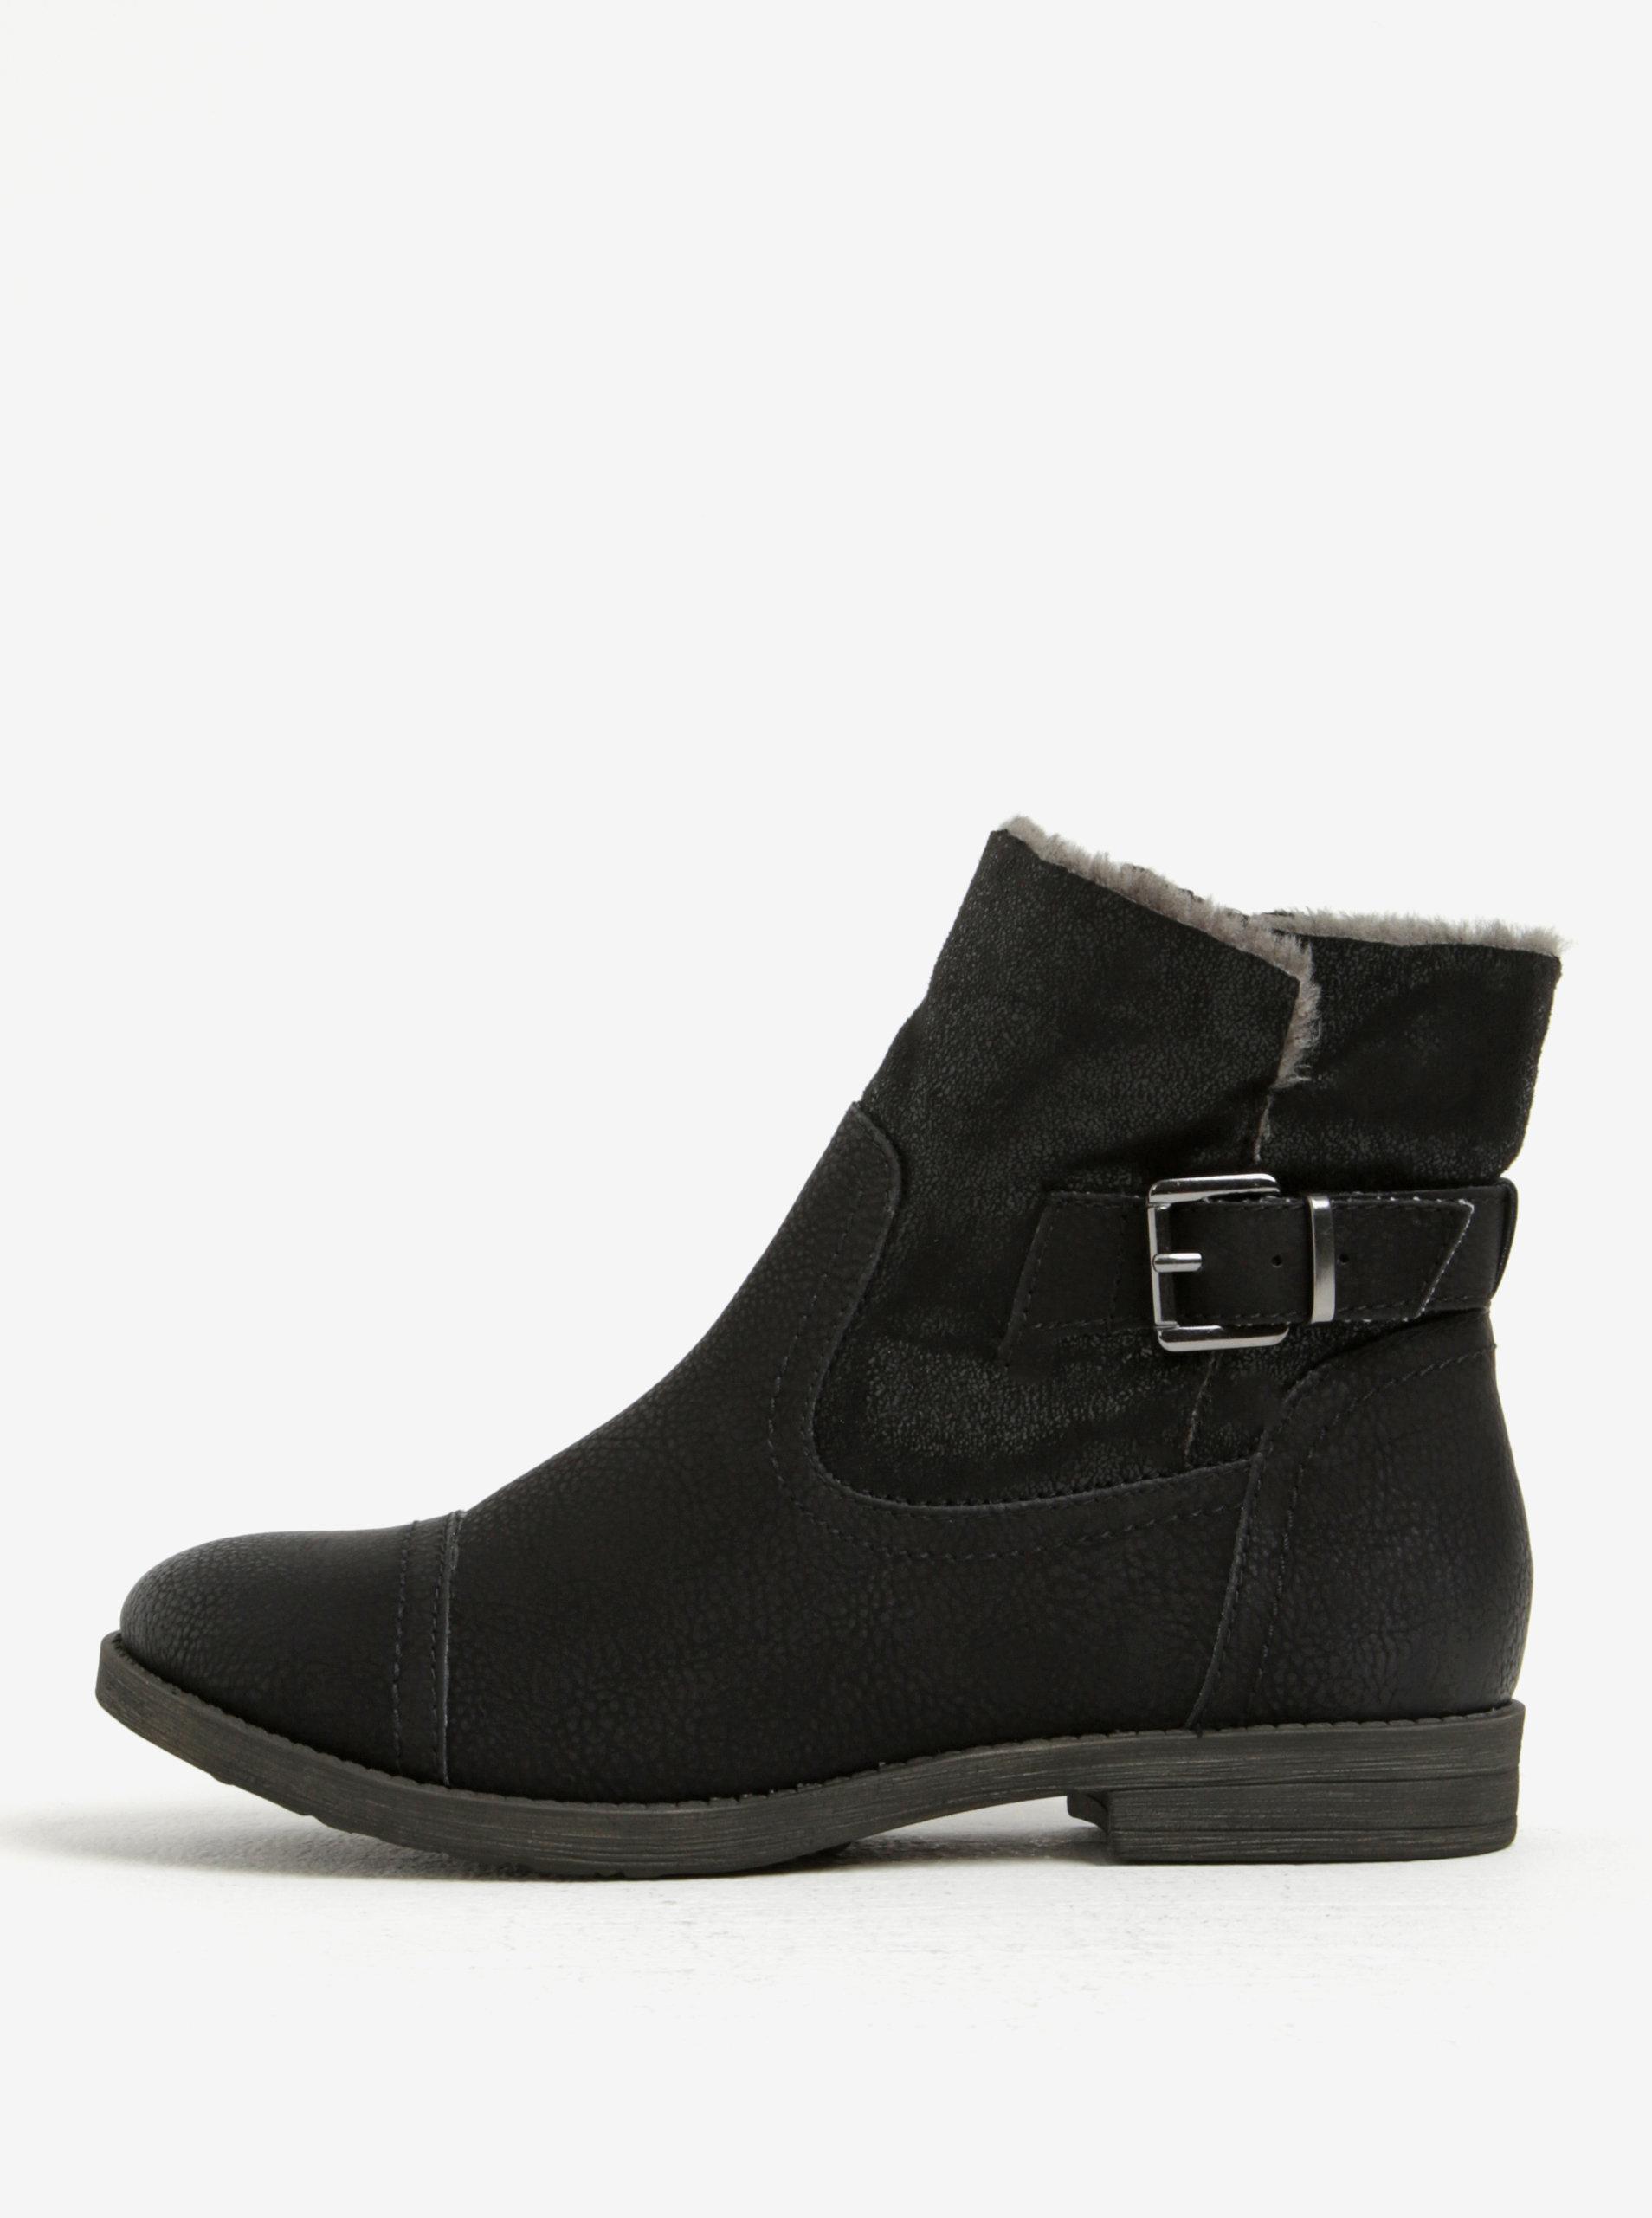 Čierne zimné členkové topánky s umelou kožušinou Tamaris ... 04364edc89c